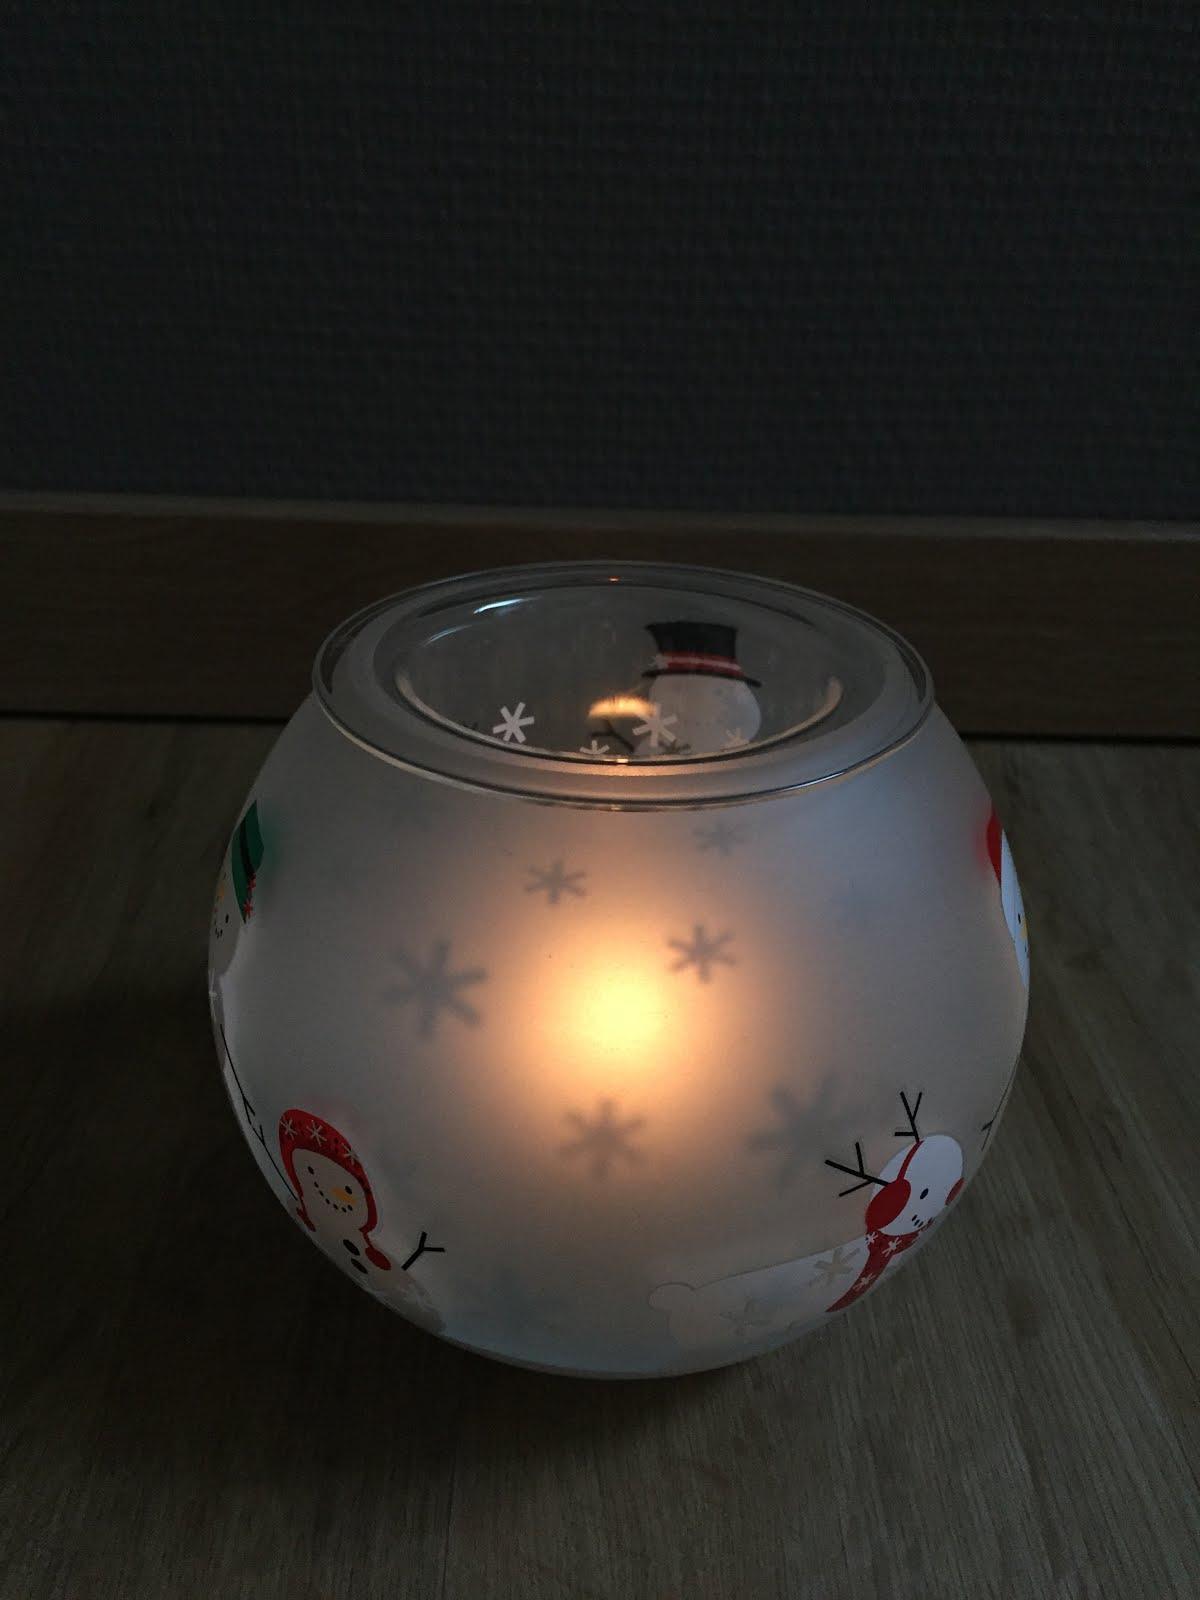 IMG20151205005852_2 Schöne Kerze Leuchtet In Verschiedenen Farben Dekorationen